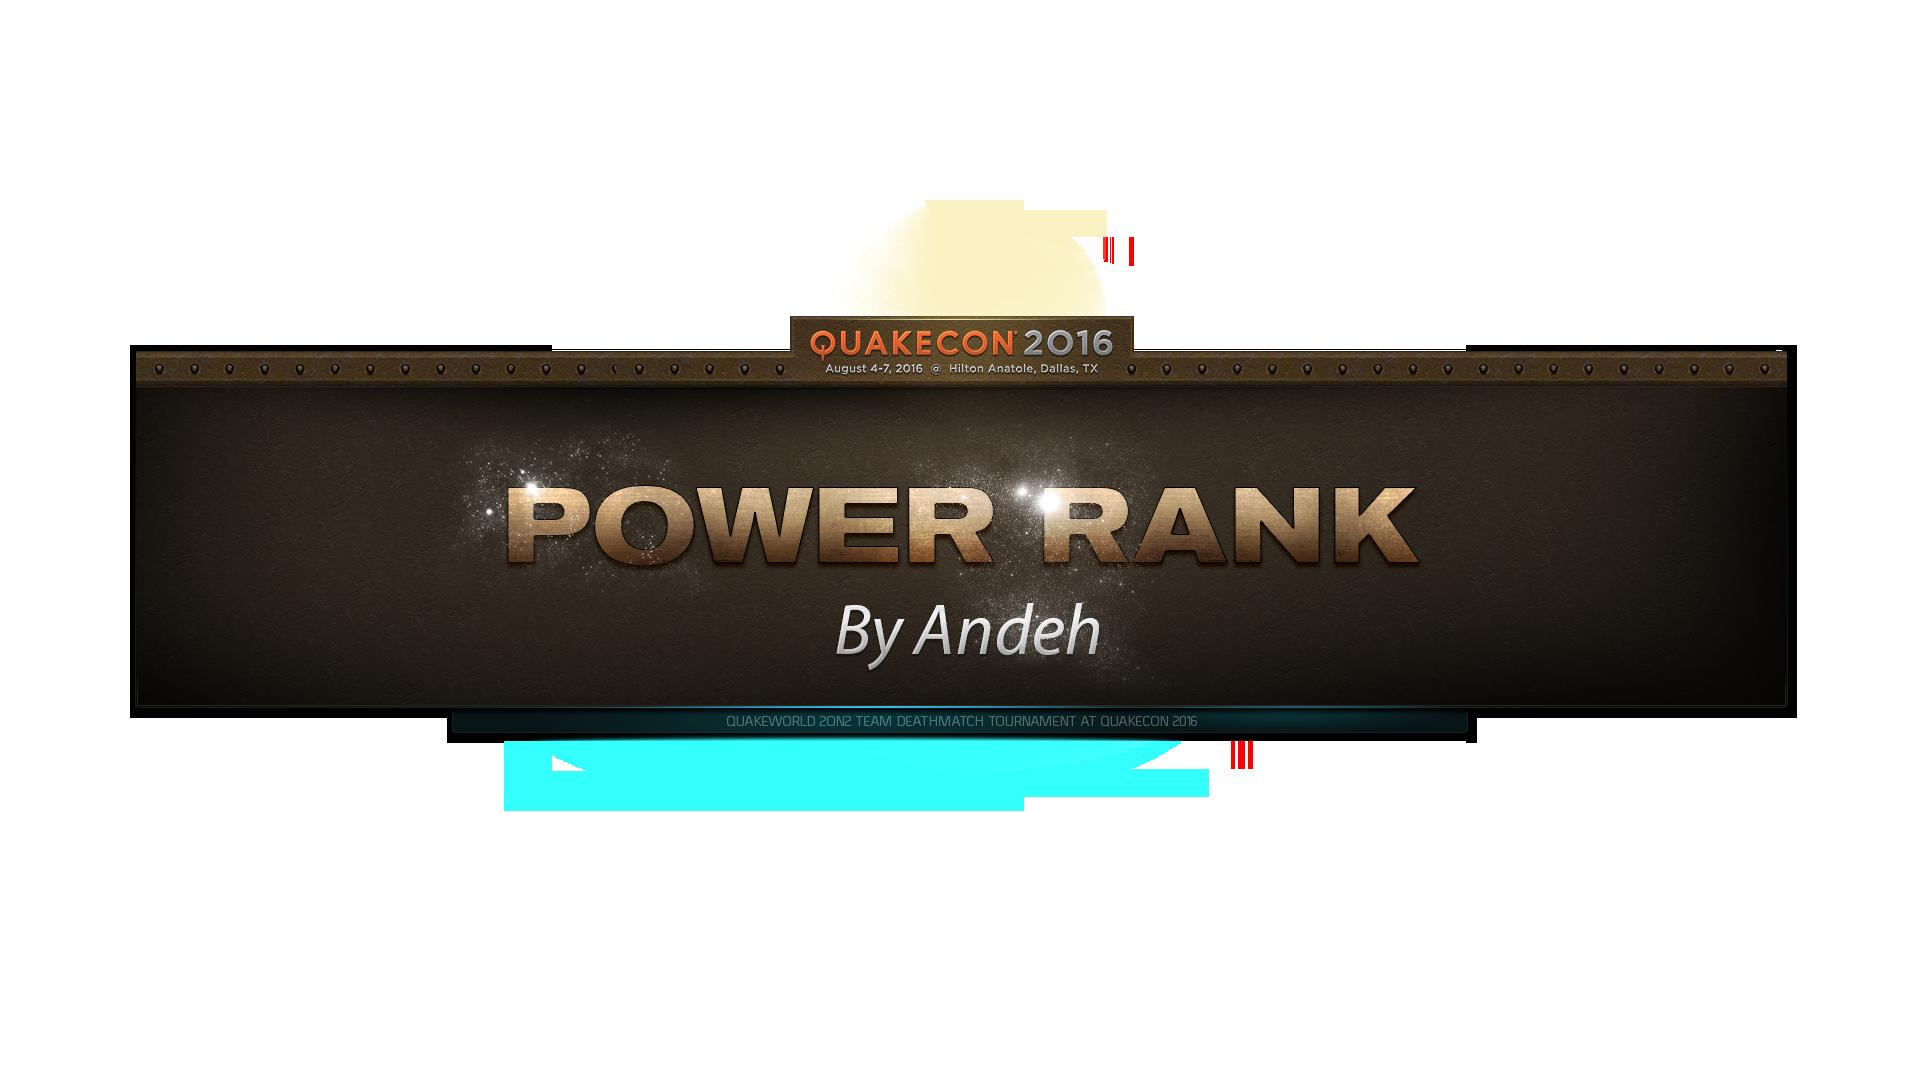 http://blaps.se/qw/qcon/powerrank.png